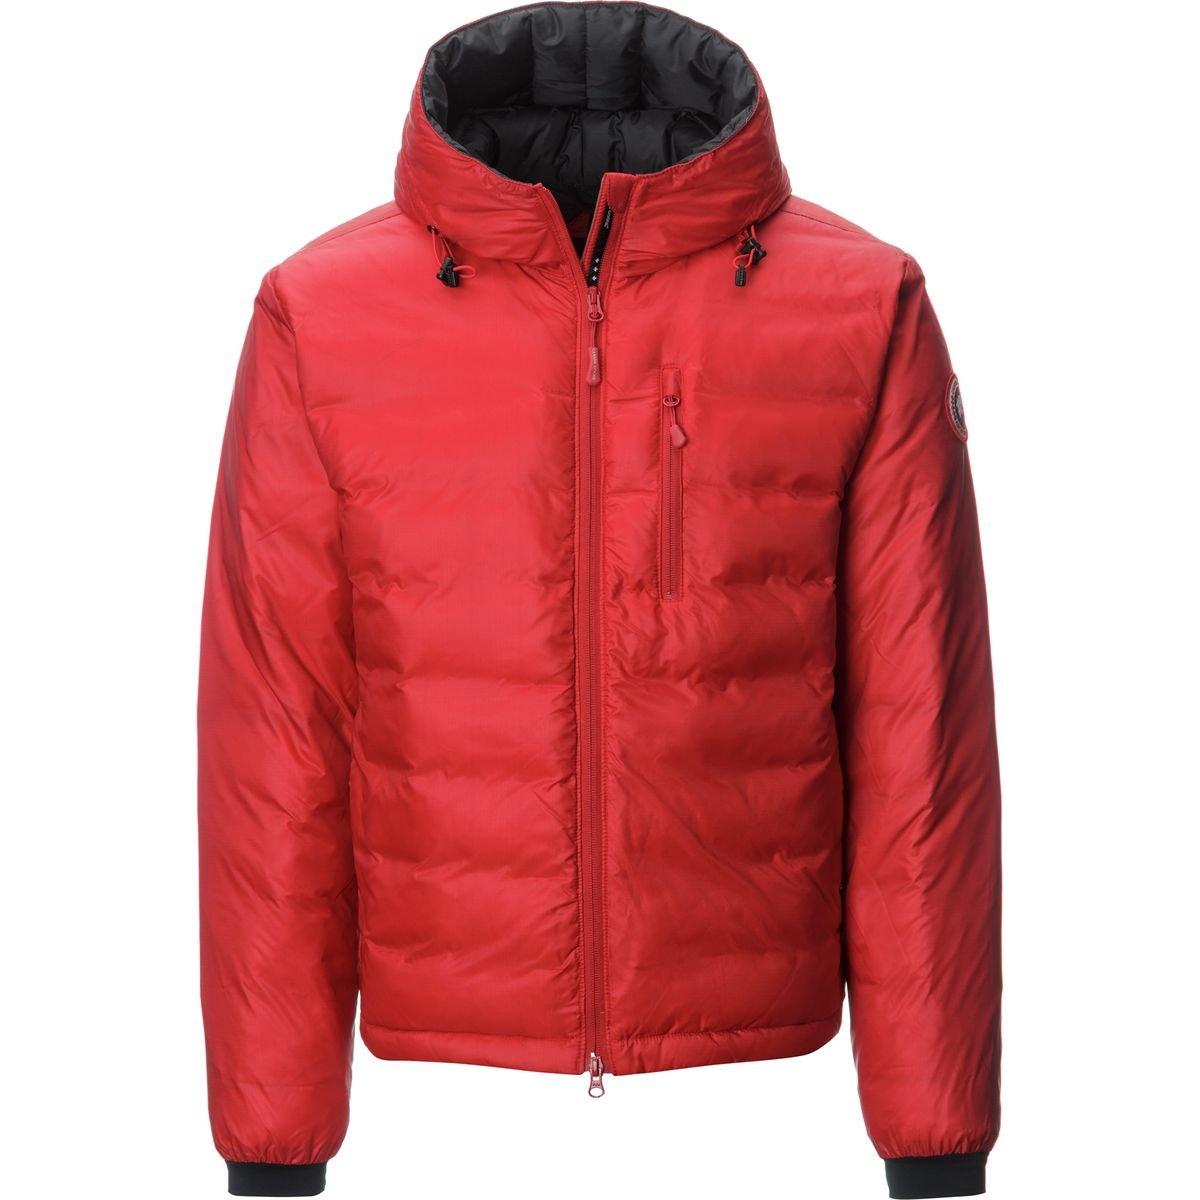 (カナダグース)Canada Goose Lodge Down Hooded Jacket メンズ ジャケットRed/Black [並行輸入品] B077N6PG2X  Red/Black 日本サイズ M (US S)